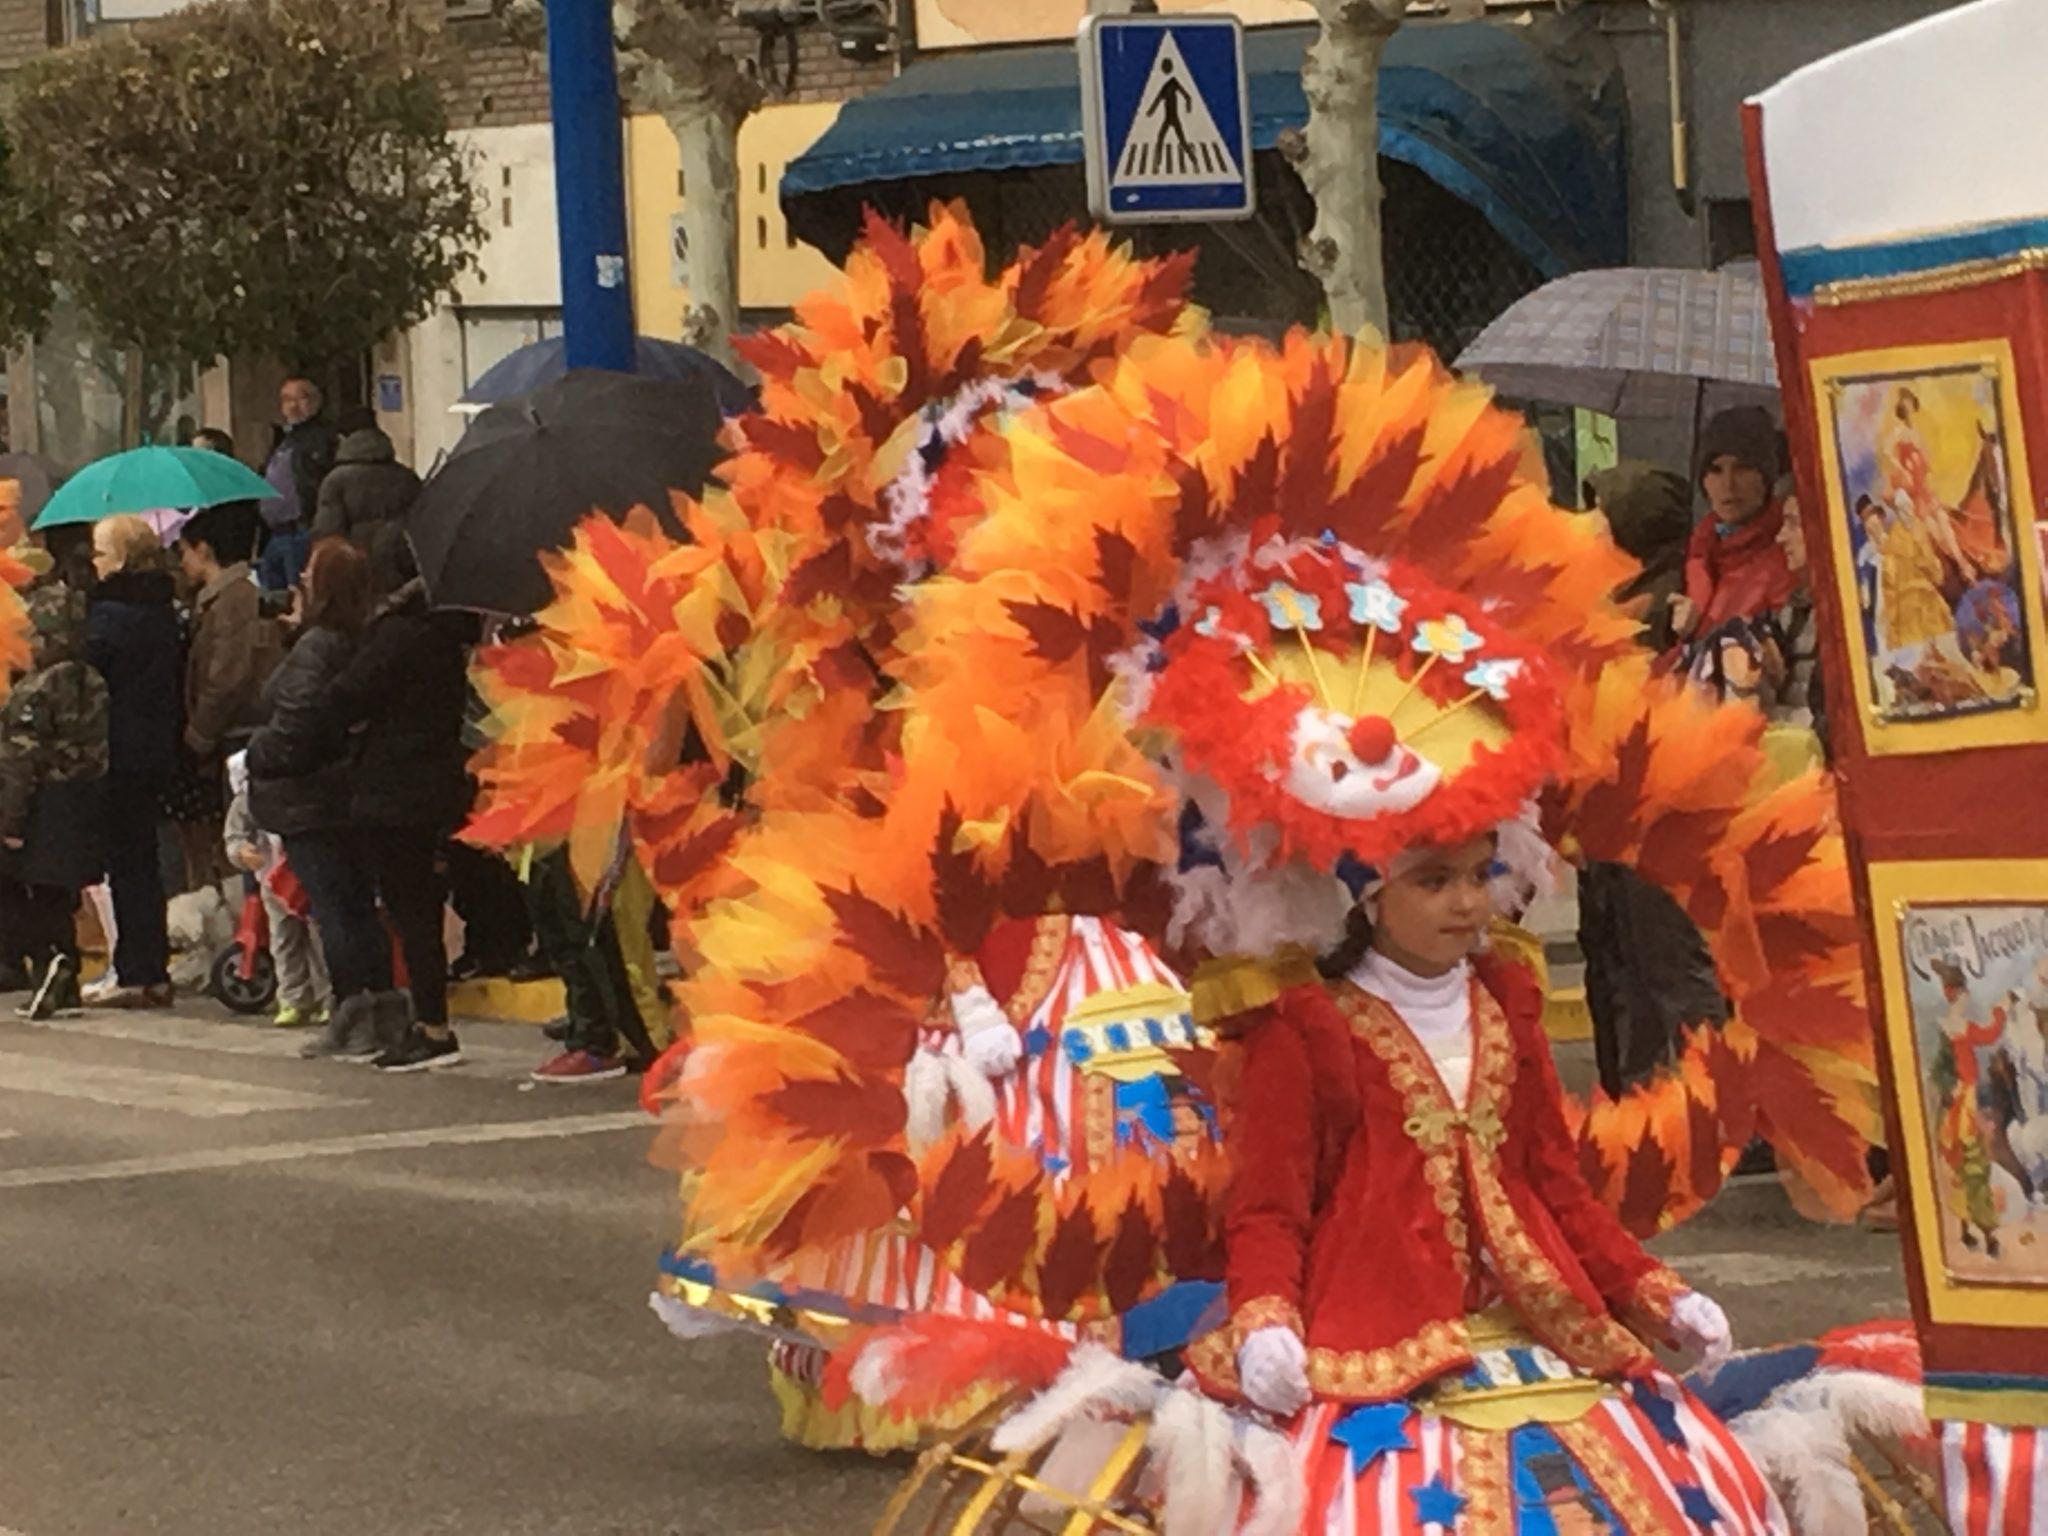 Álbum de fotos del martes de Carnaval 2019 en Ponferrada 22